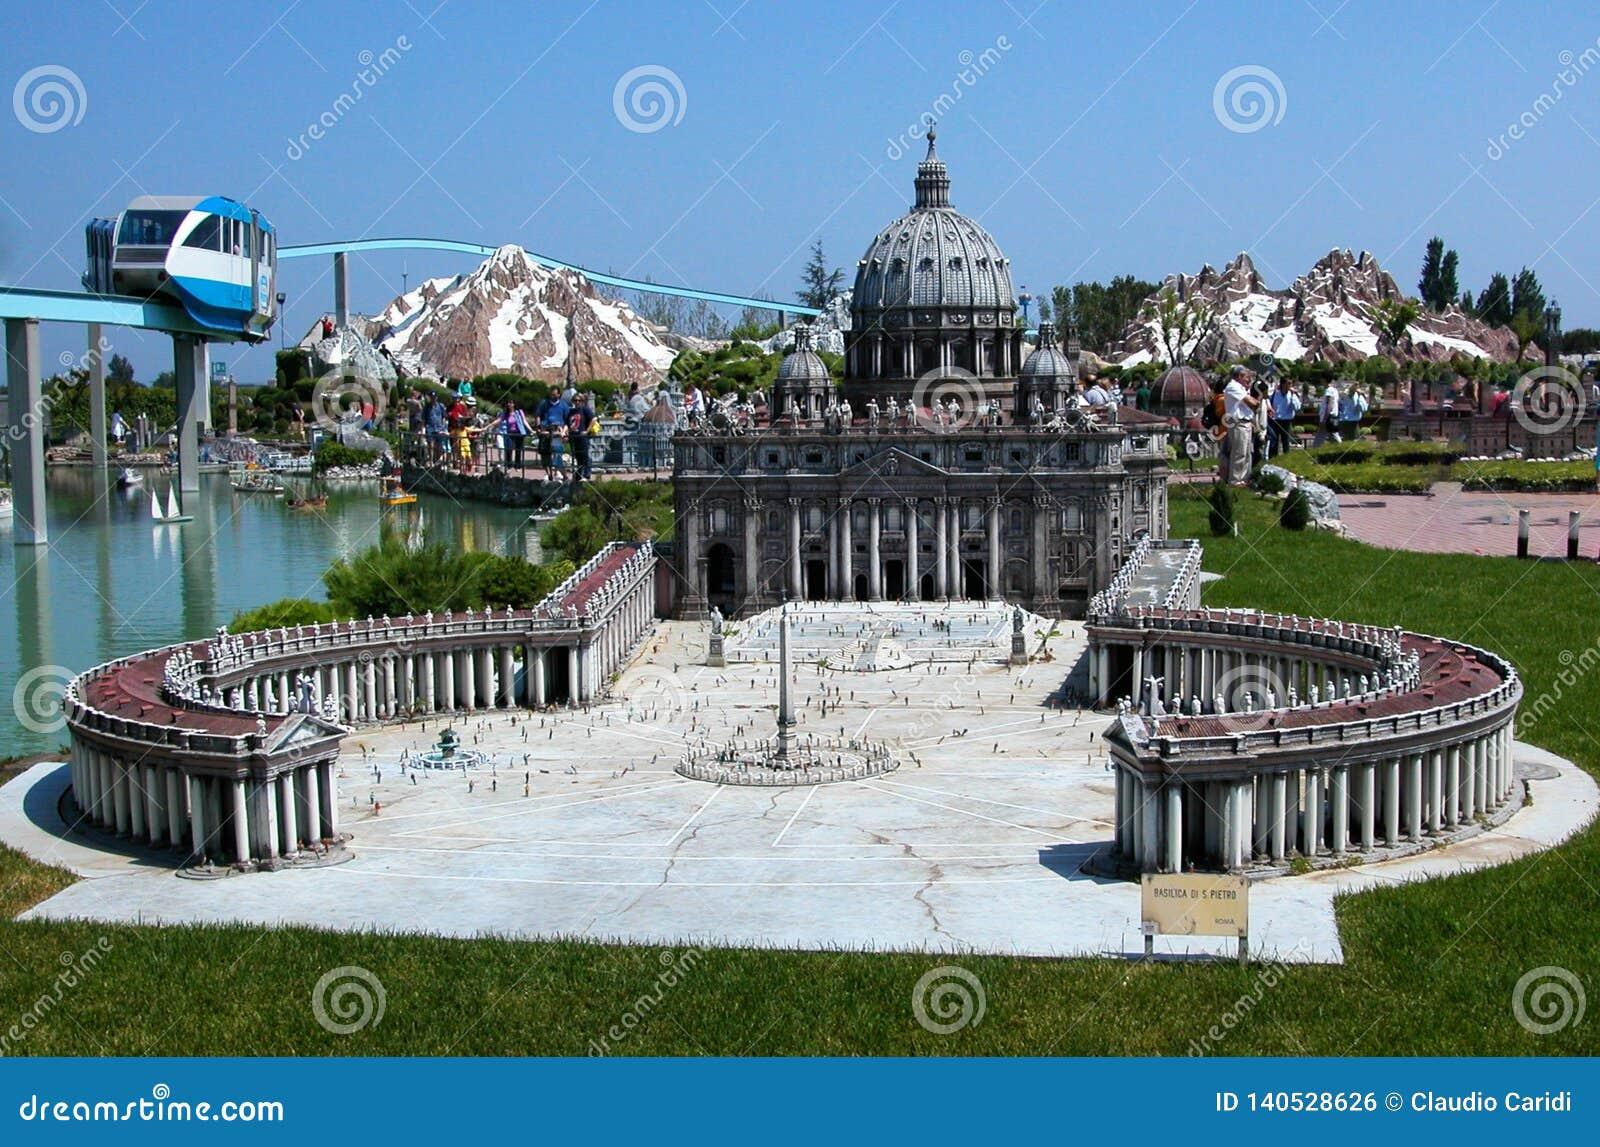 """La basilica Roma di St Peter nel parco a tema """"Italia in miniatura """"Italia in miniatura Viserba, Rimini, Italia"""